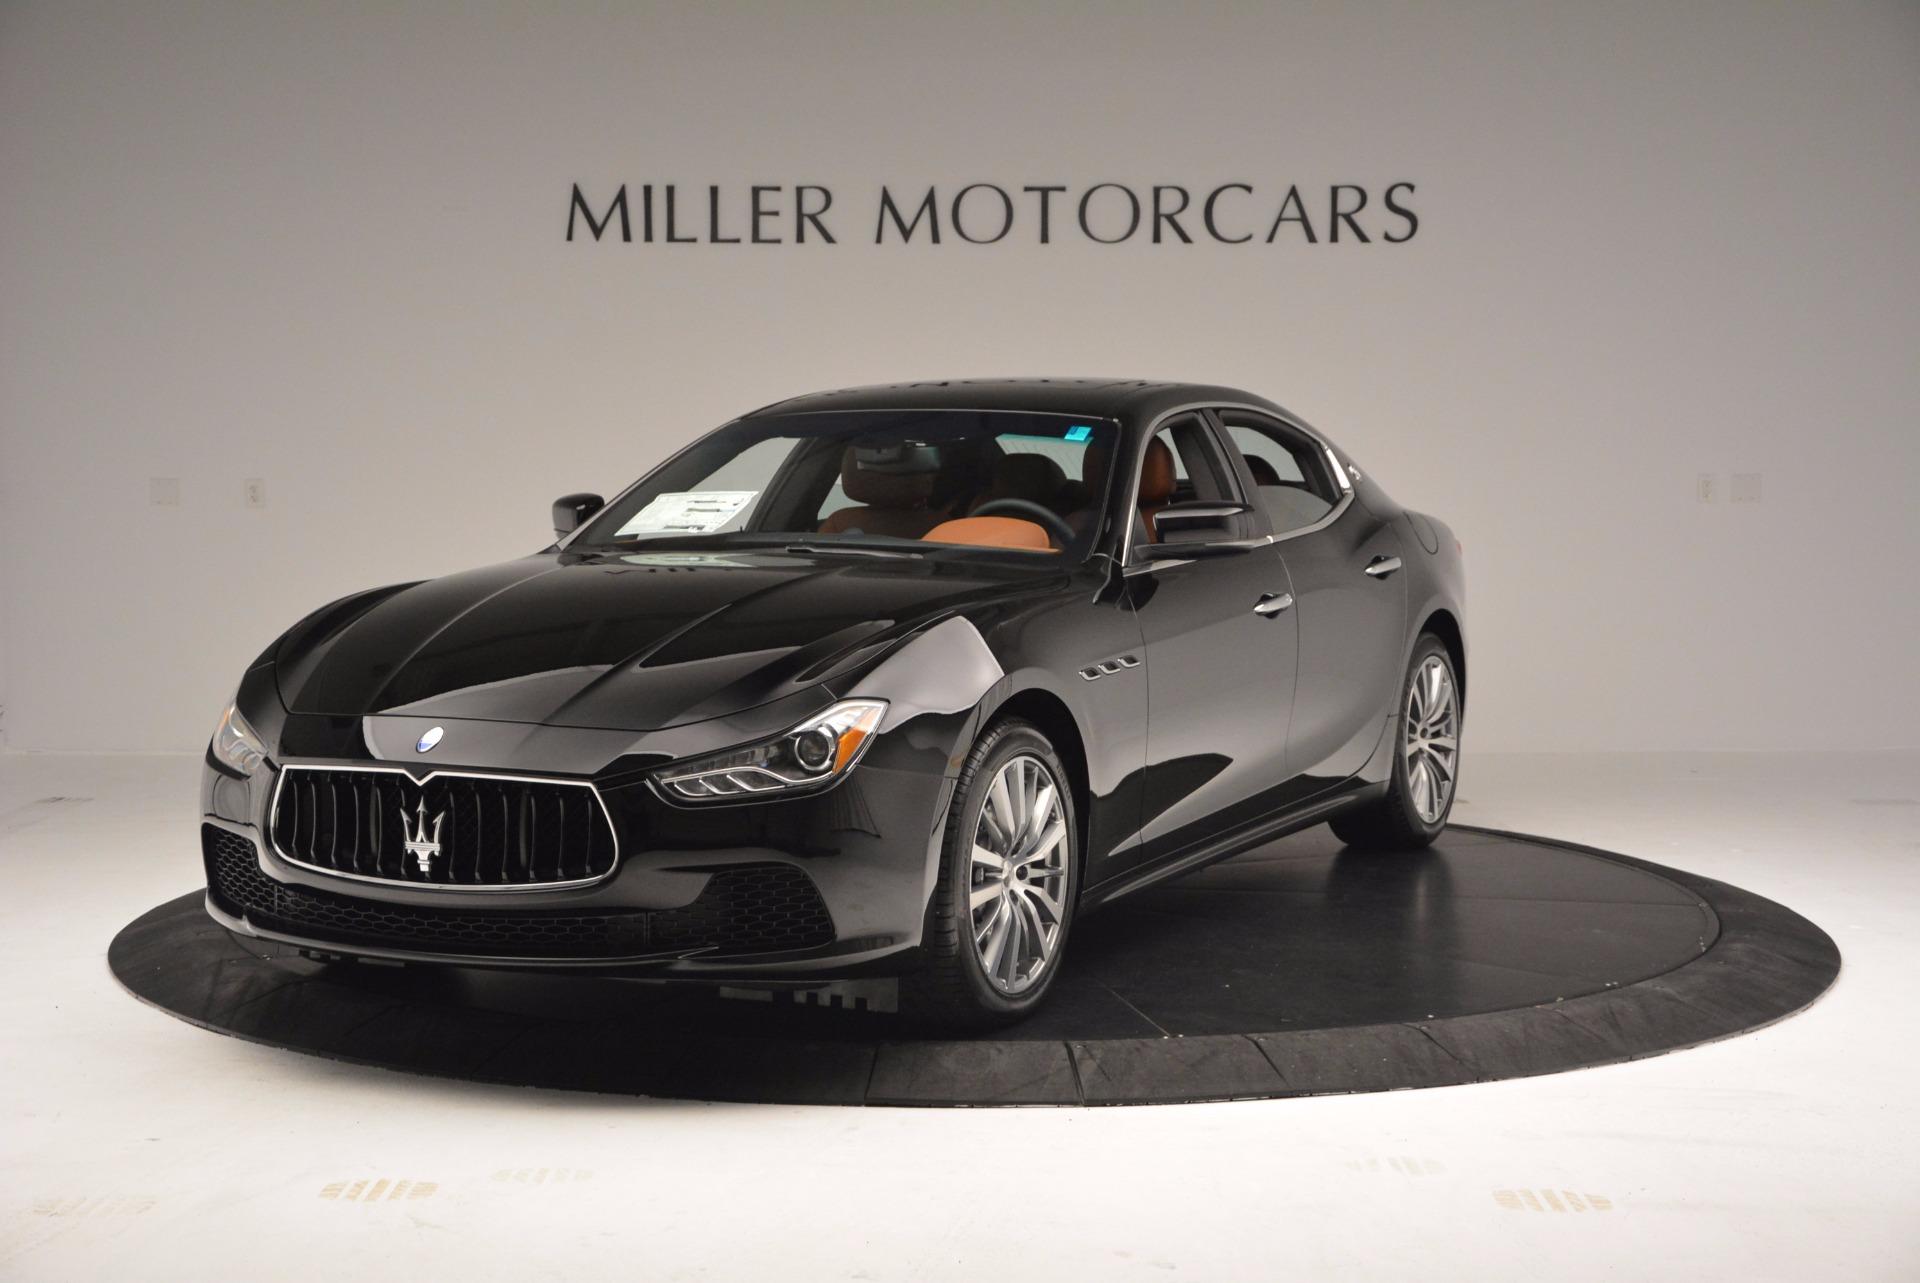 New 2017 Maserati Ghibli SQ4 For Sale In Westport, CT 1036_main